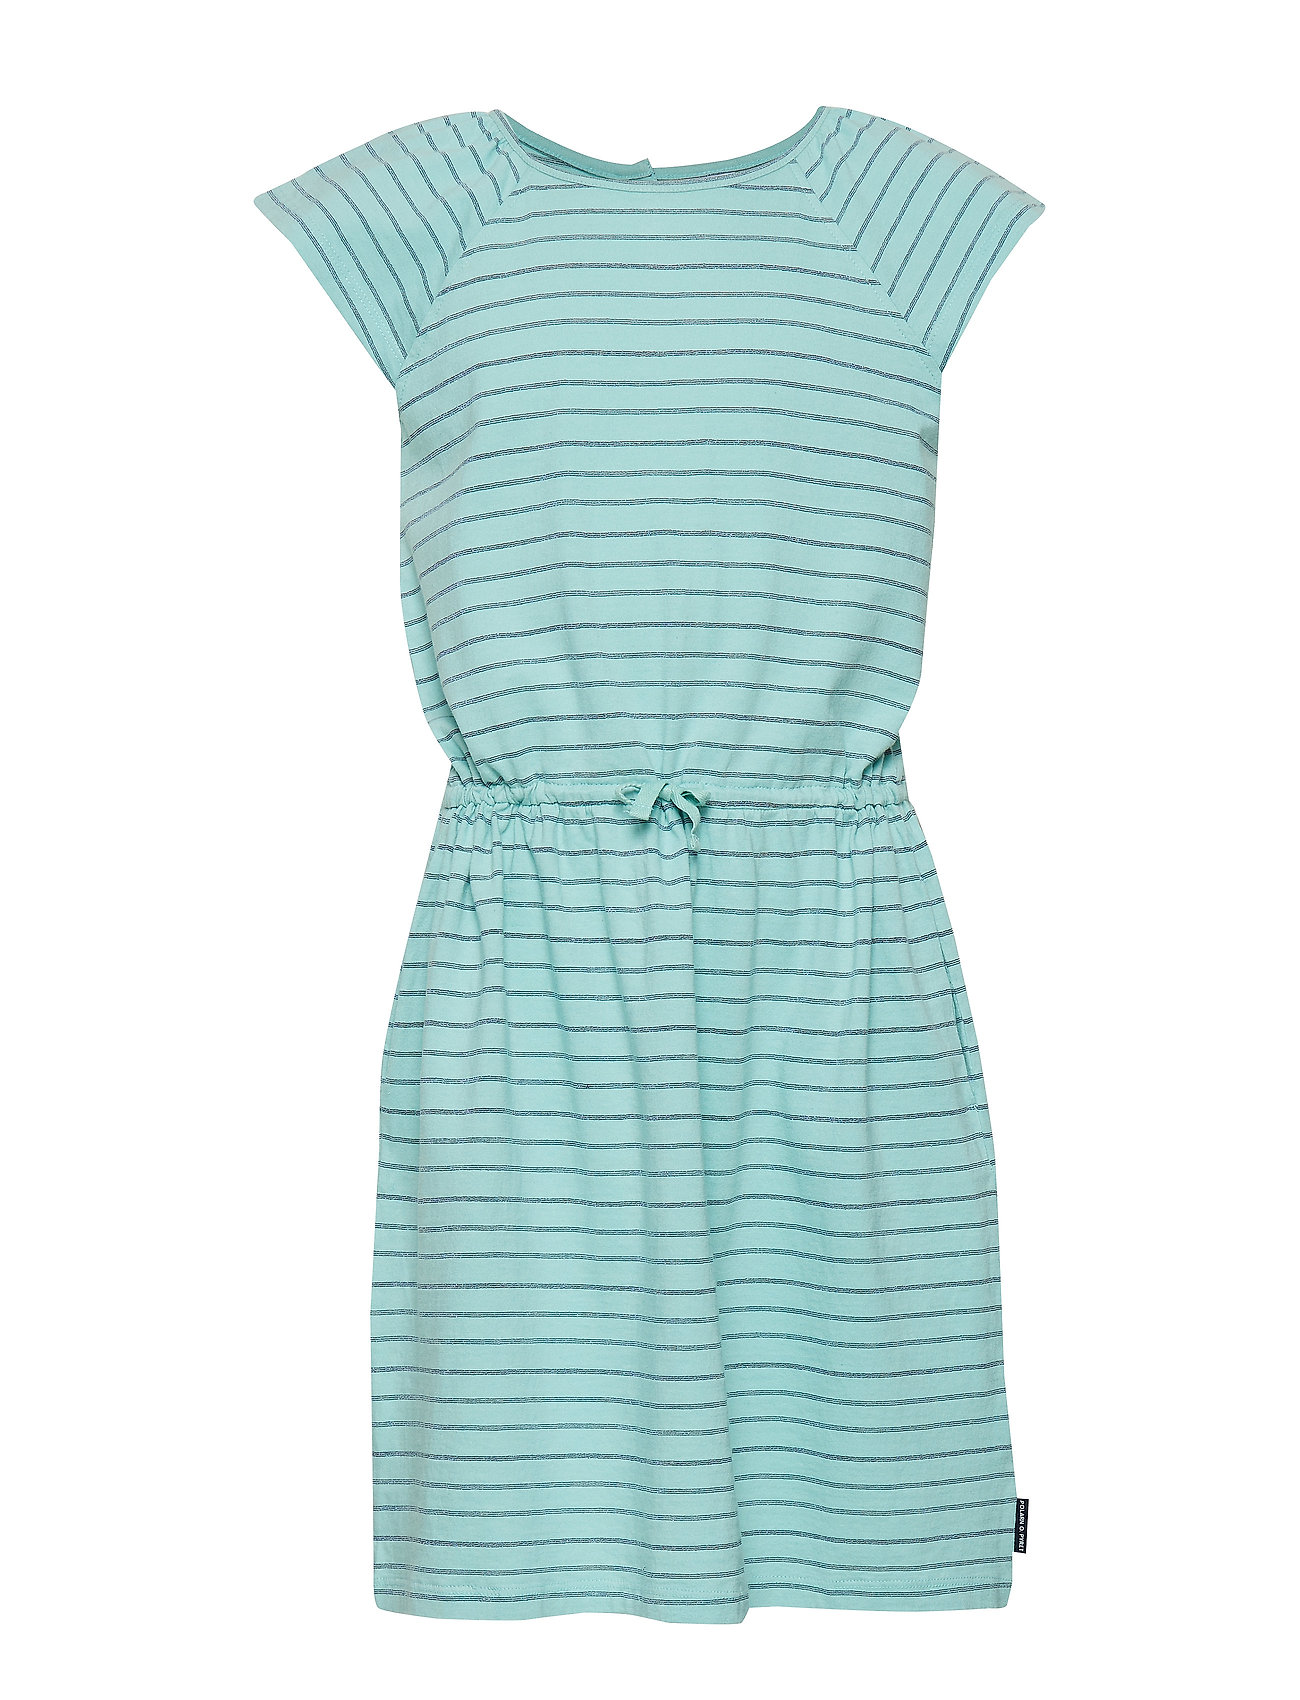 Polarn O. Pyret Dress Striped School